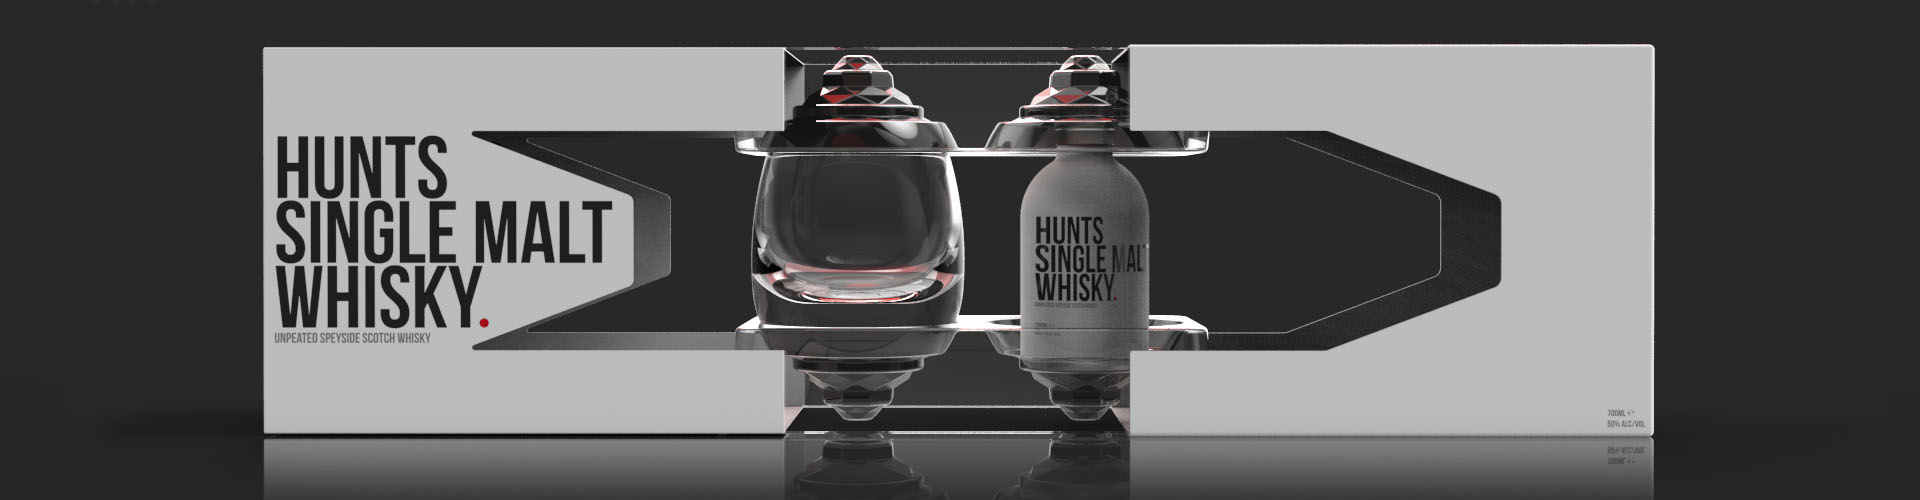 hero-luxury-whisky